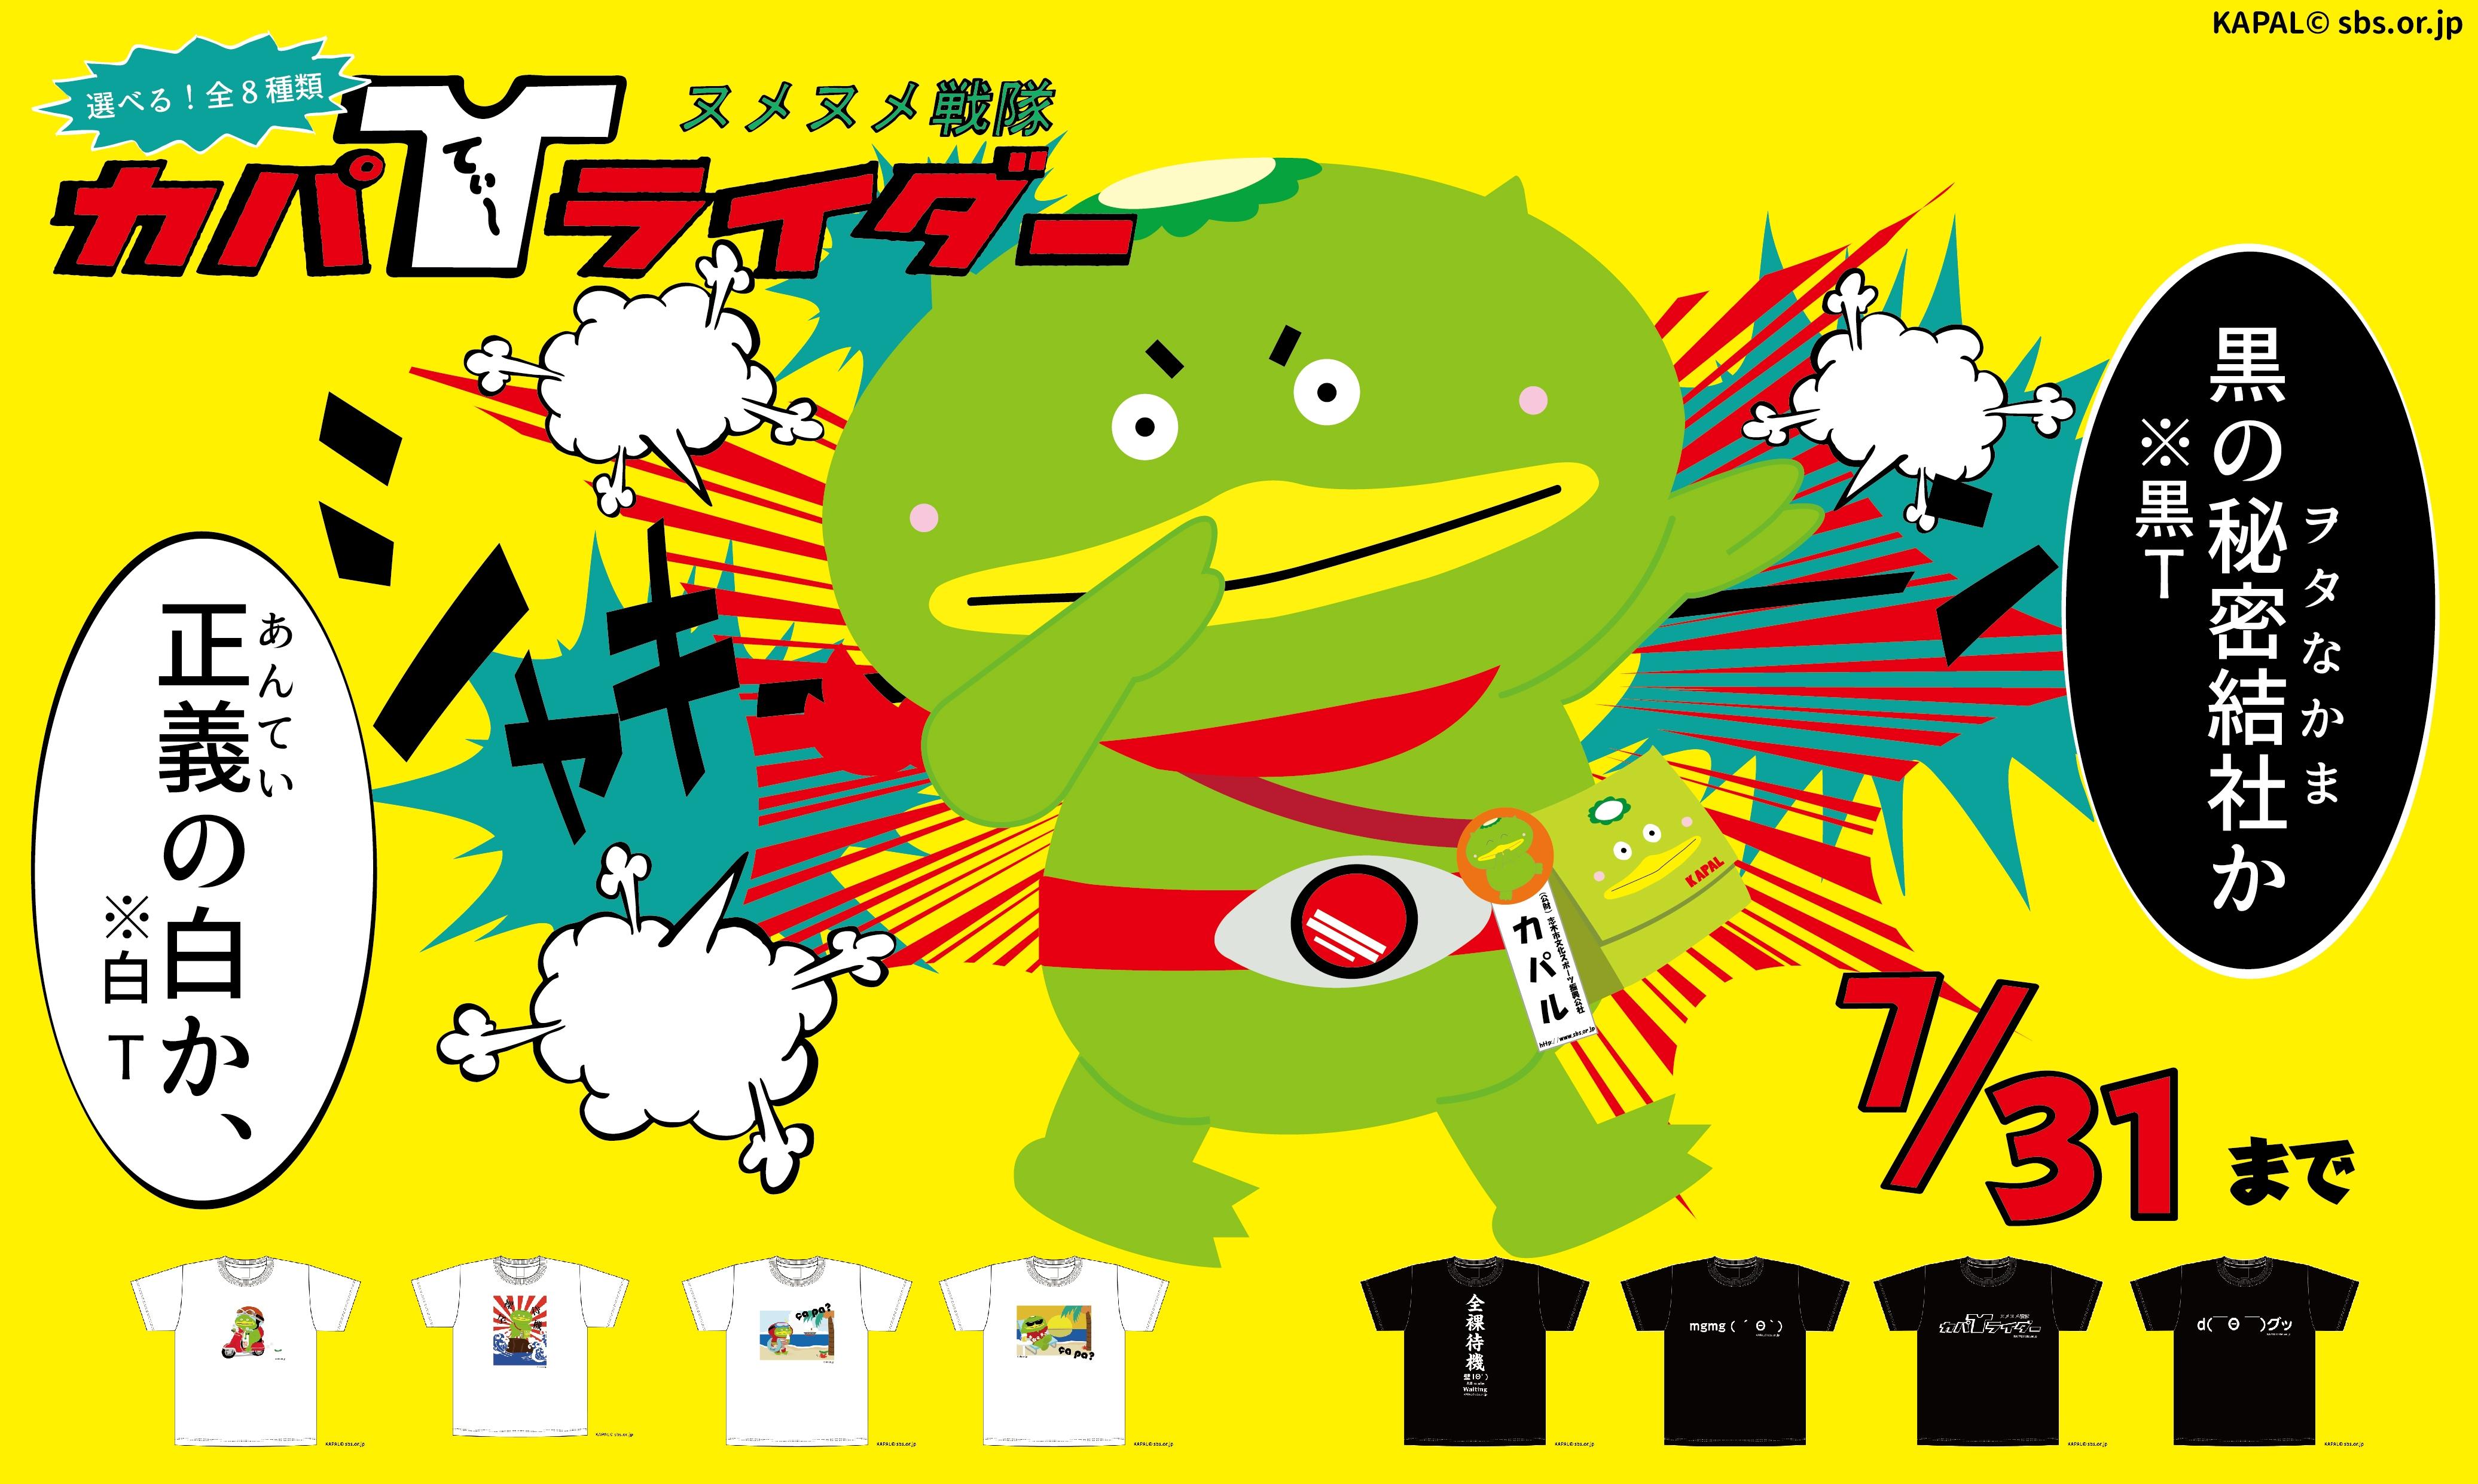 選べる8種類!期間限定Tシャツ夏祭り、カパTライダー!!!